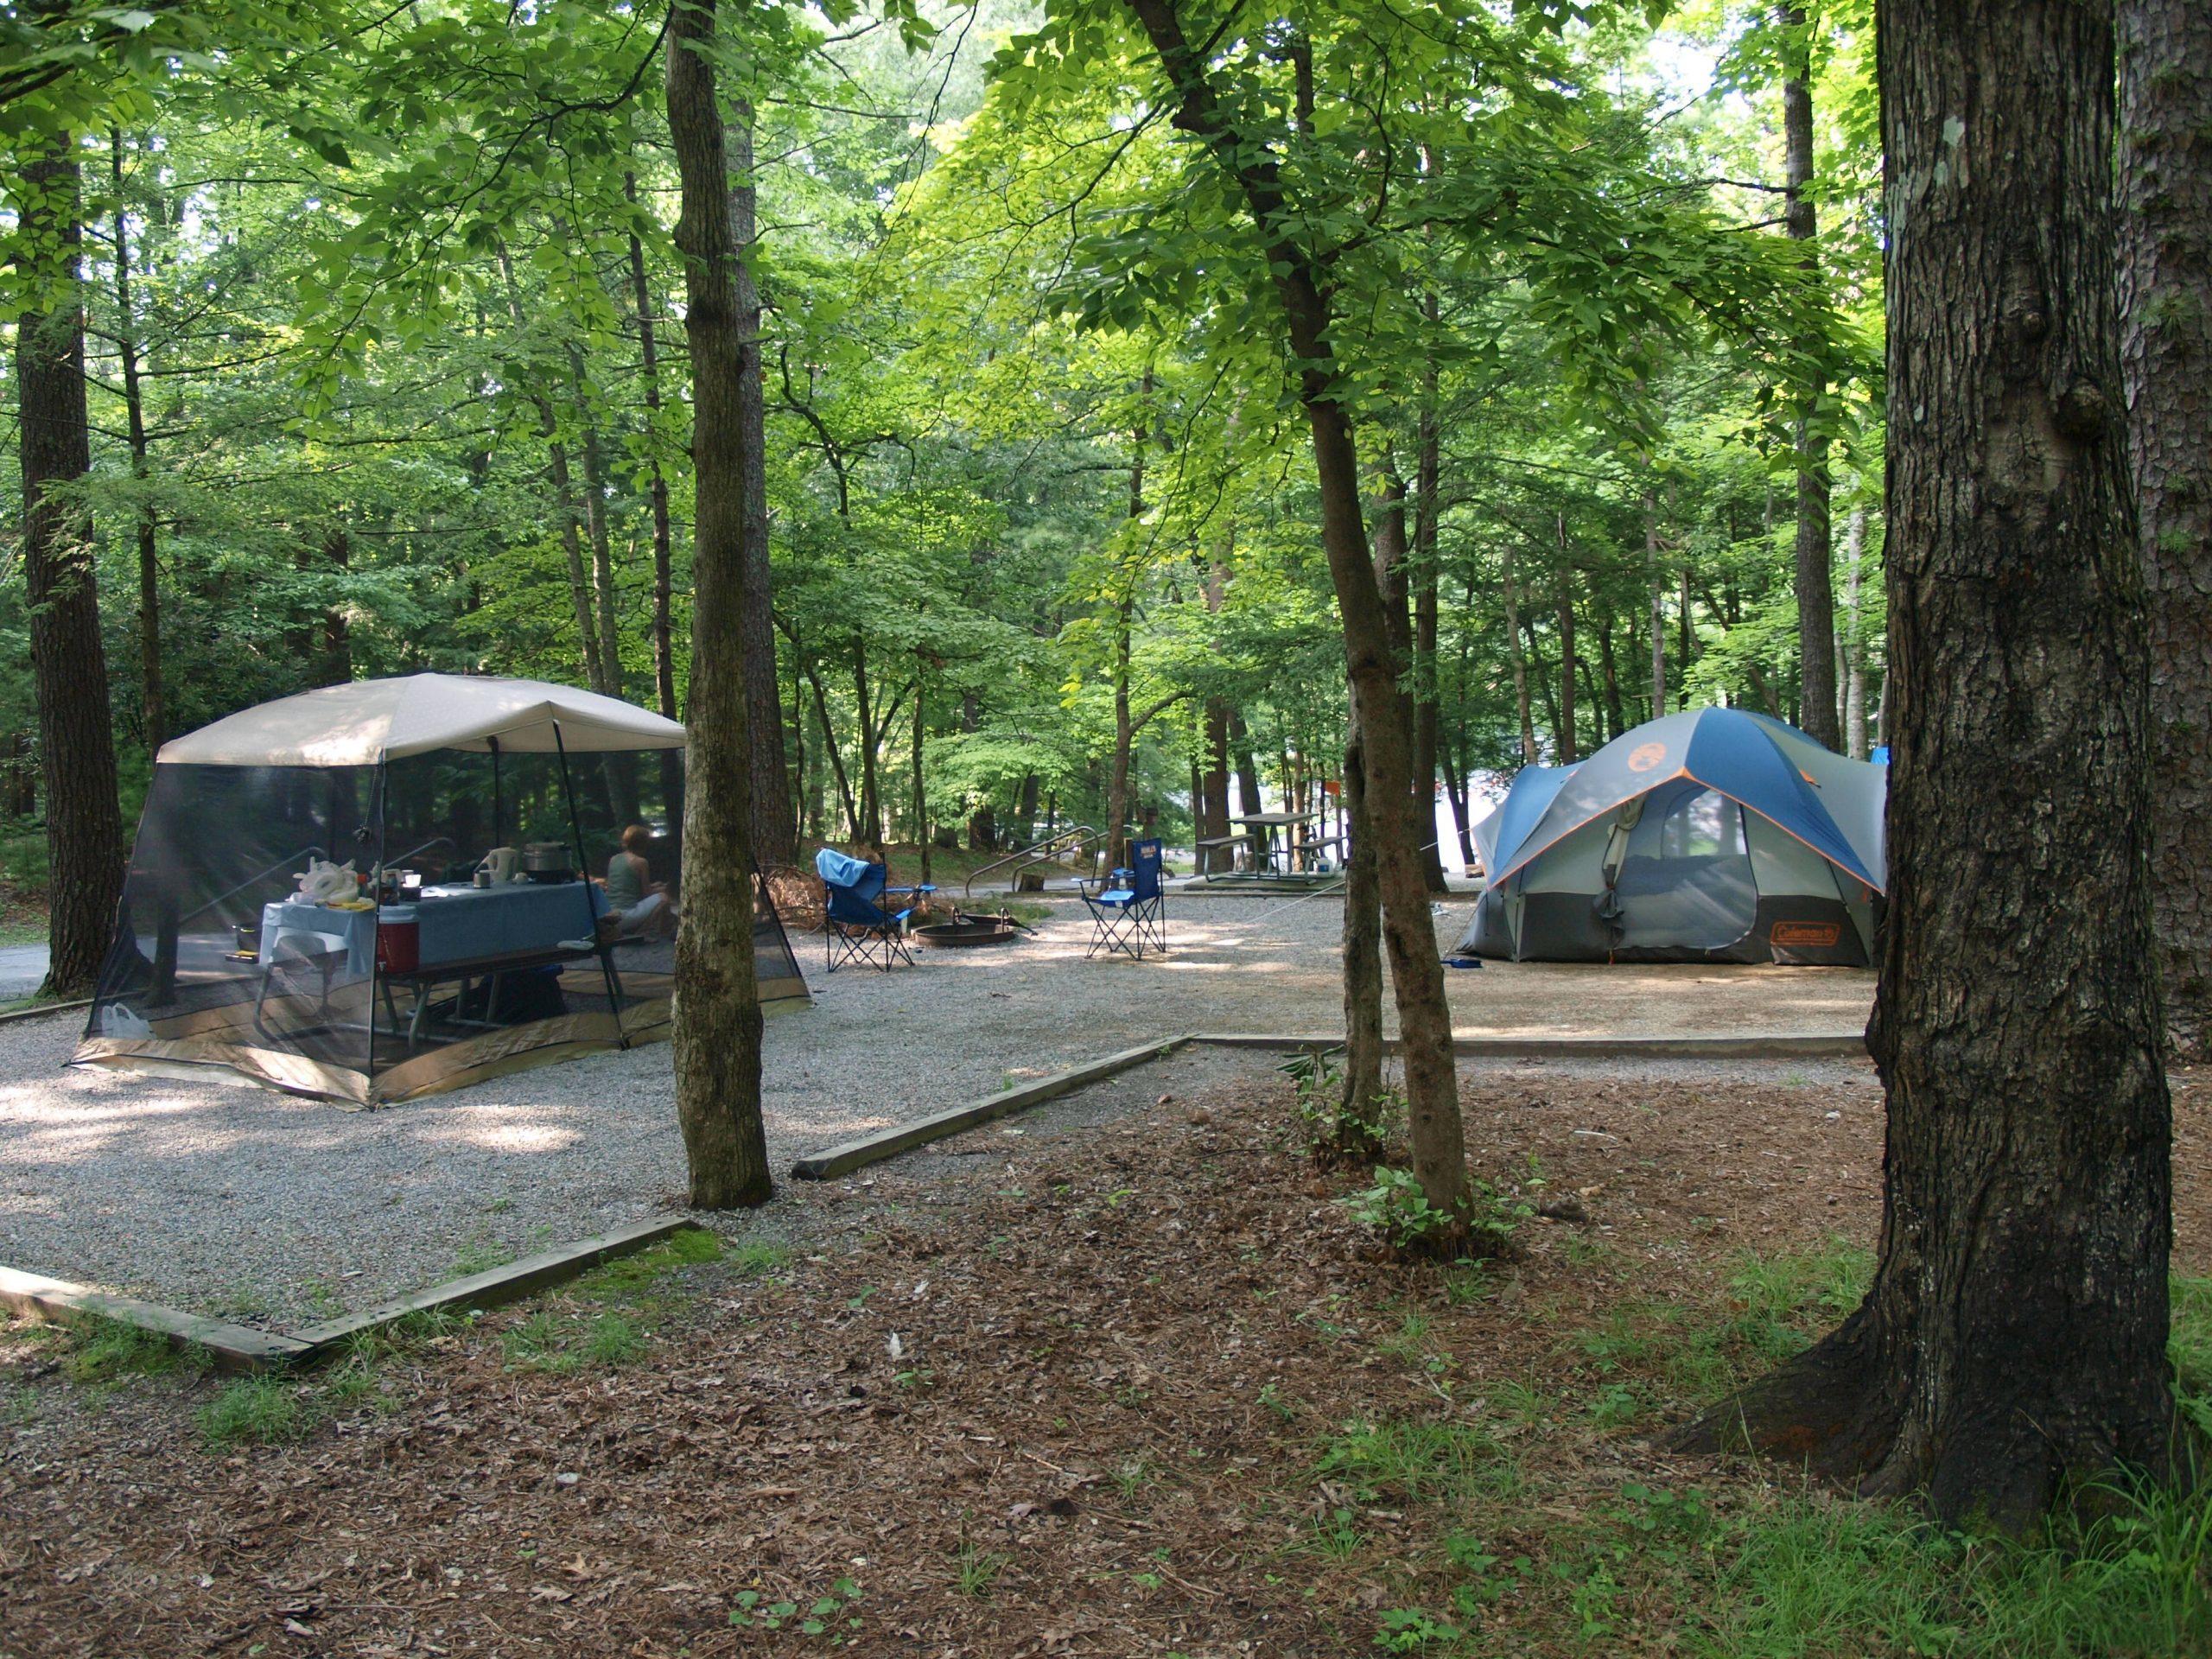 Campsite at Cades Cove